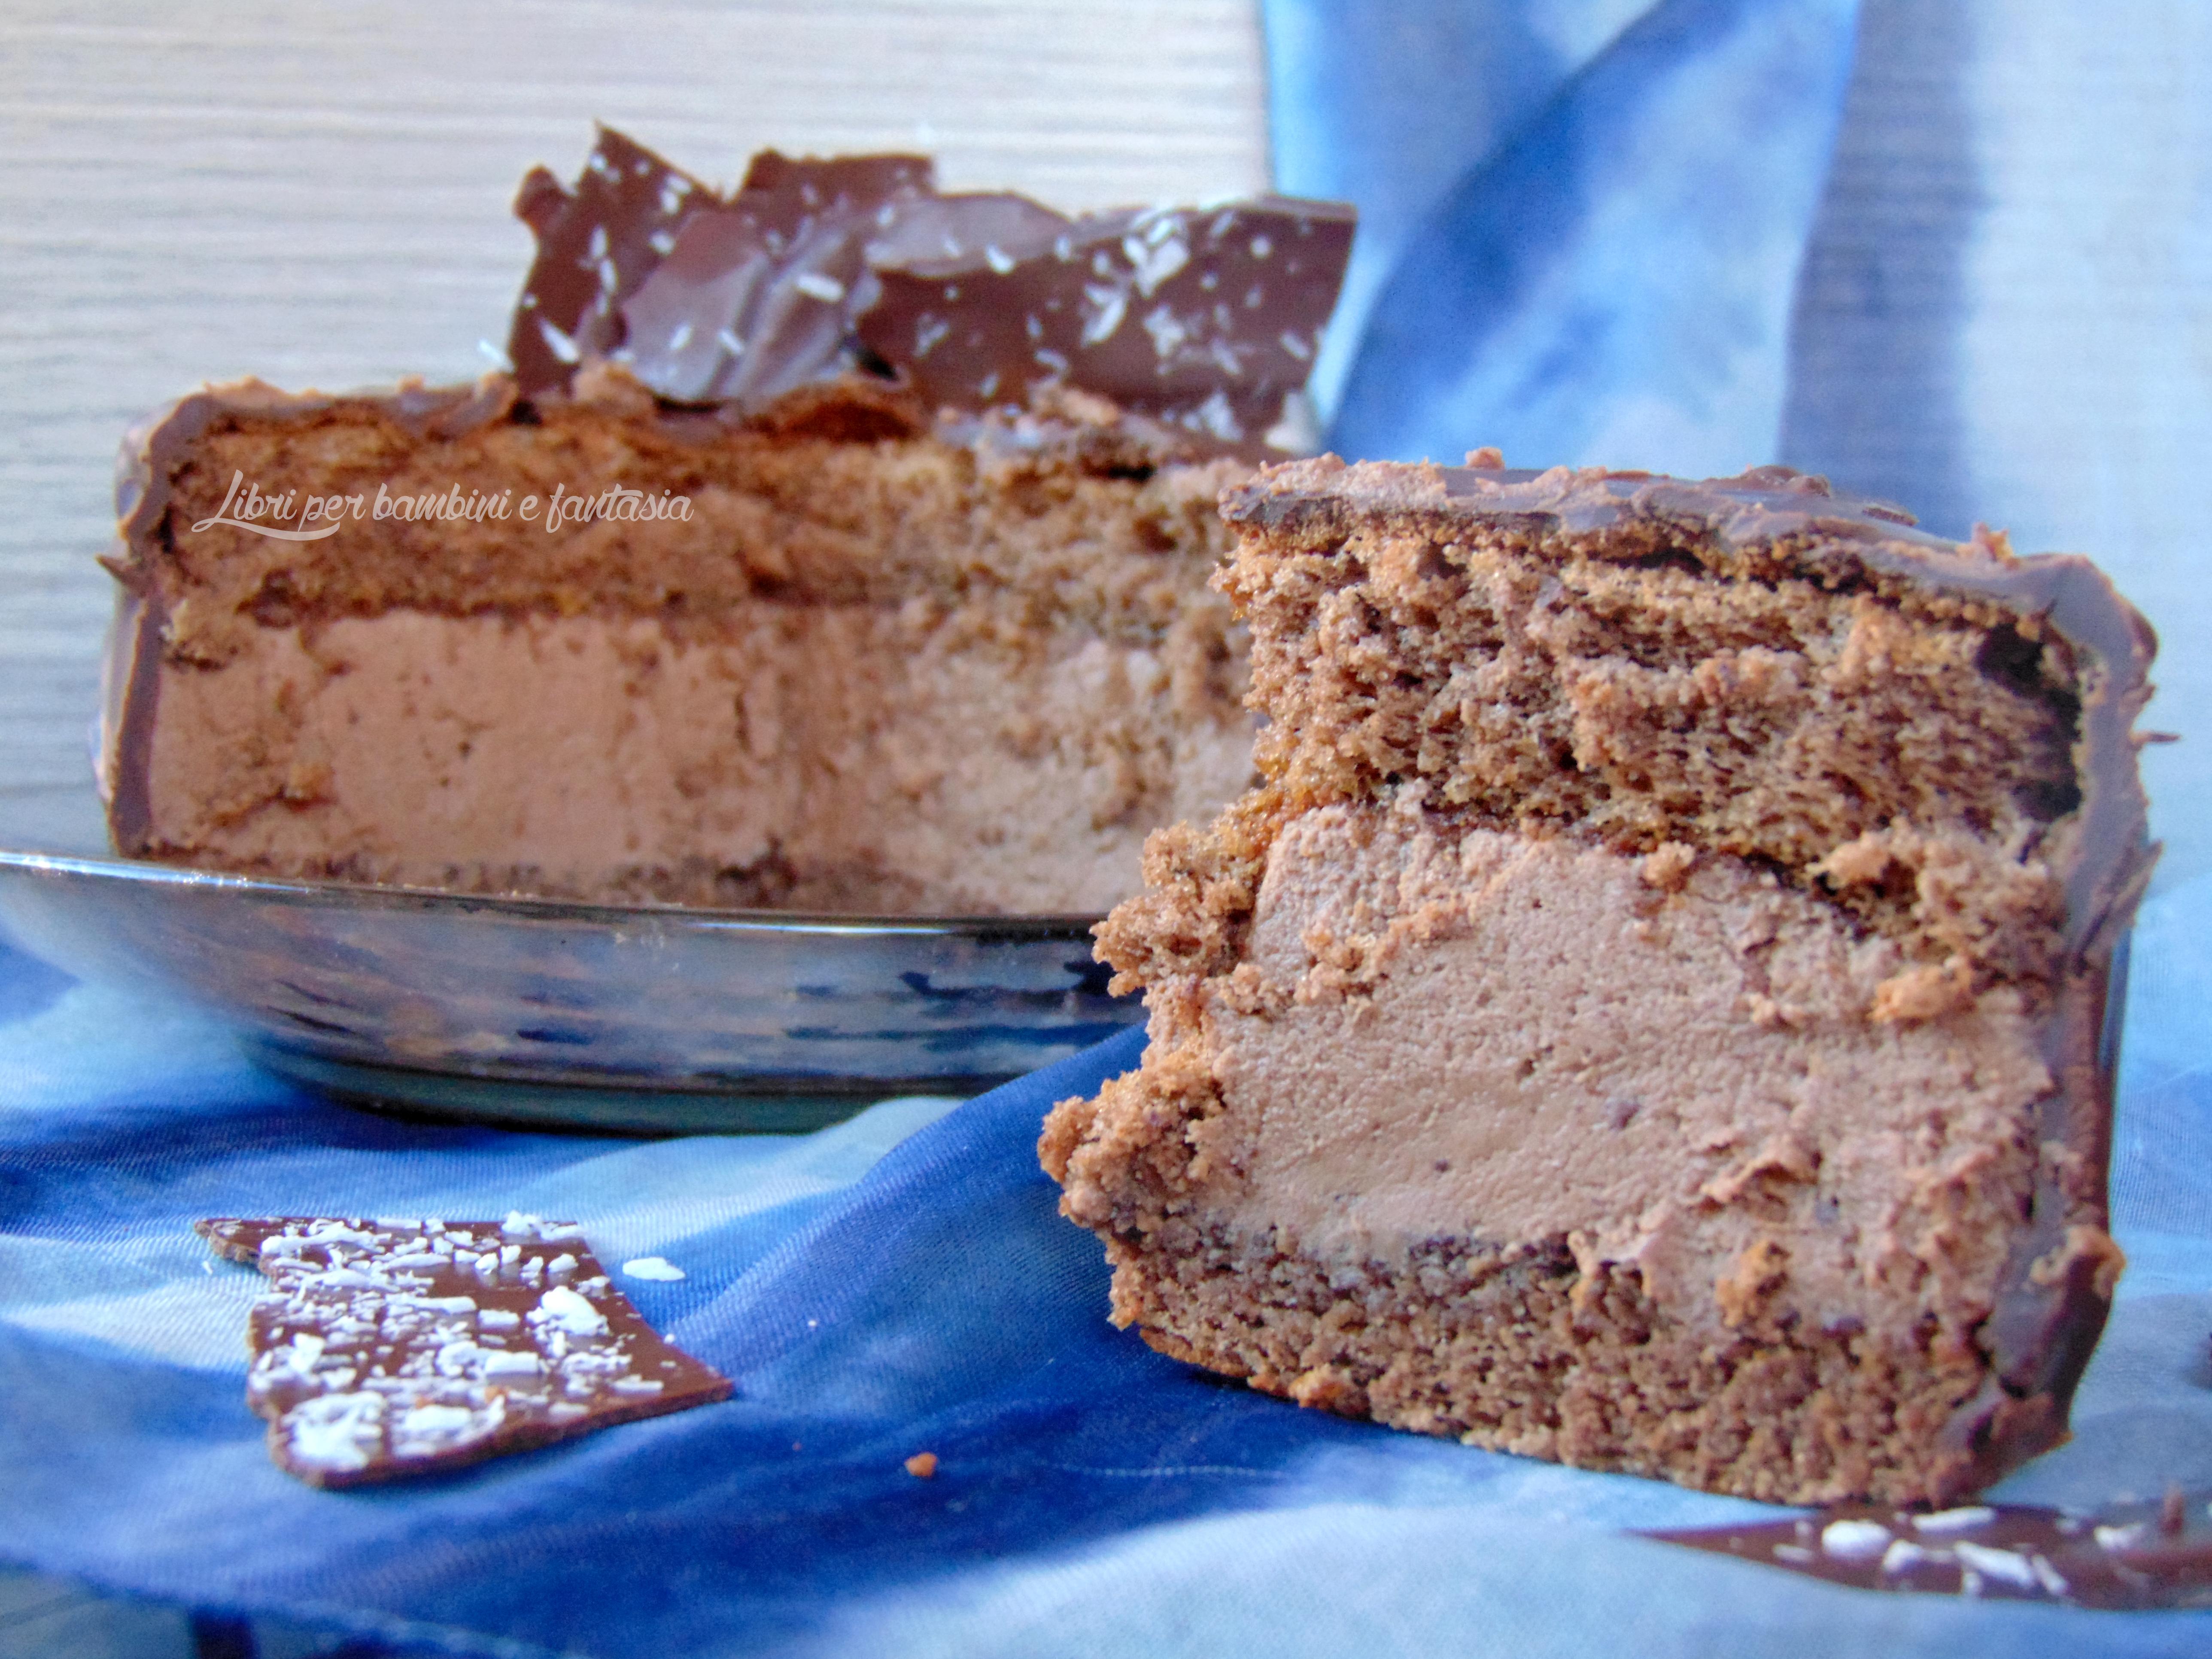 Dolci Da Credenza Iginio Massari : Iginio massari torte compleanno u idea di immagine del torta